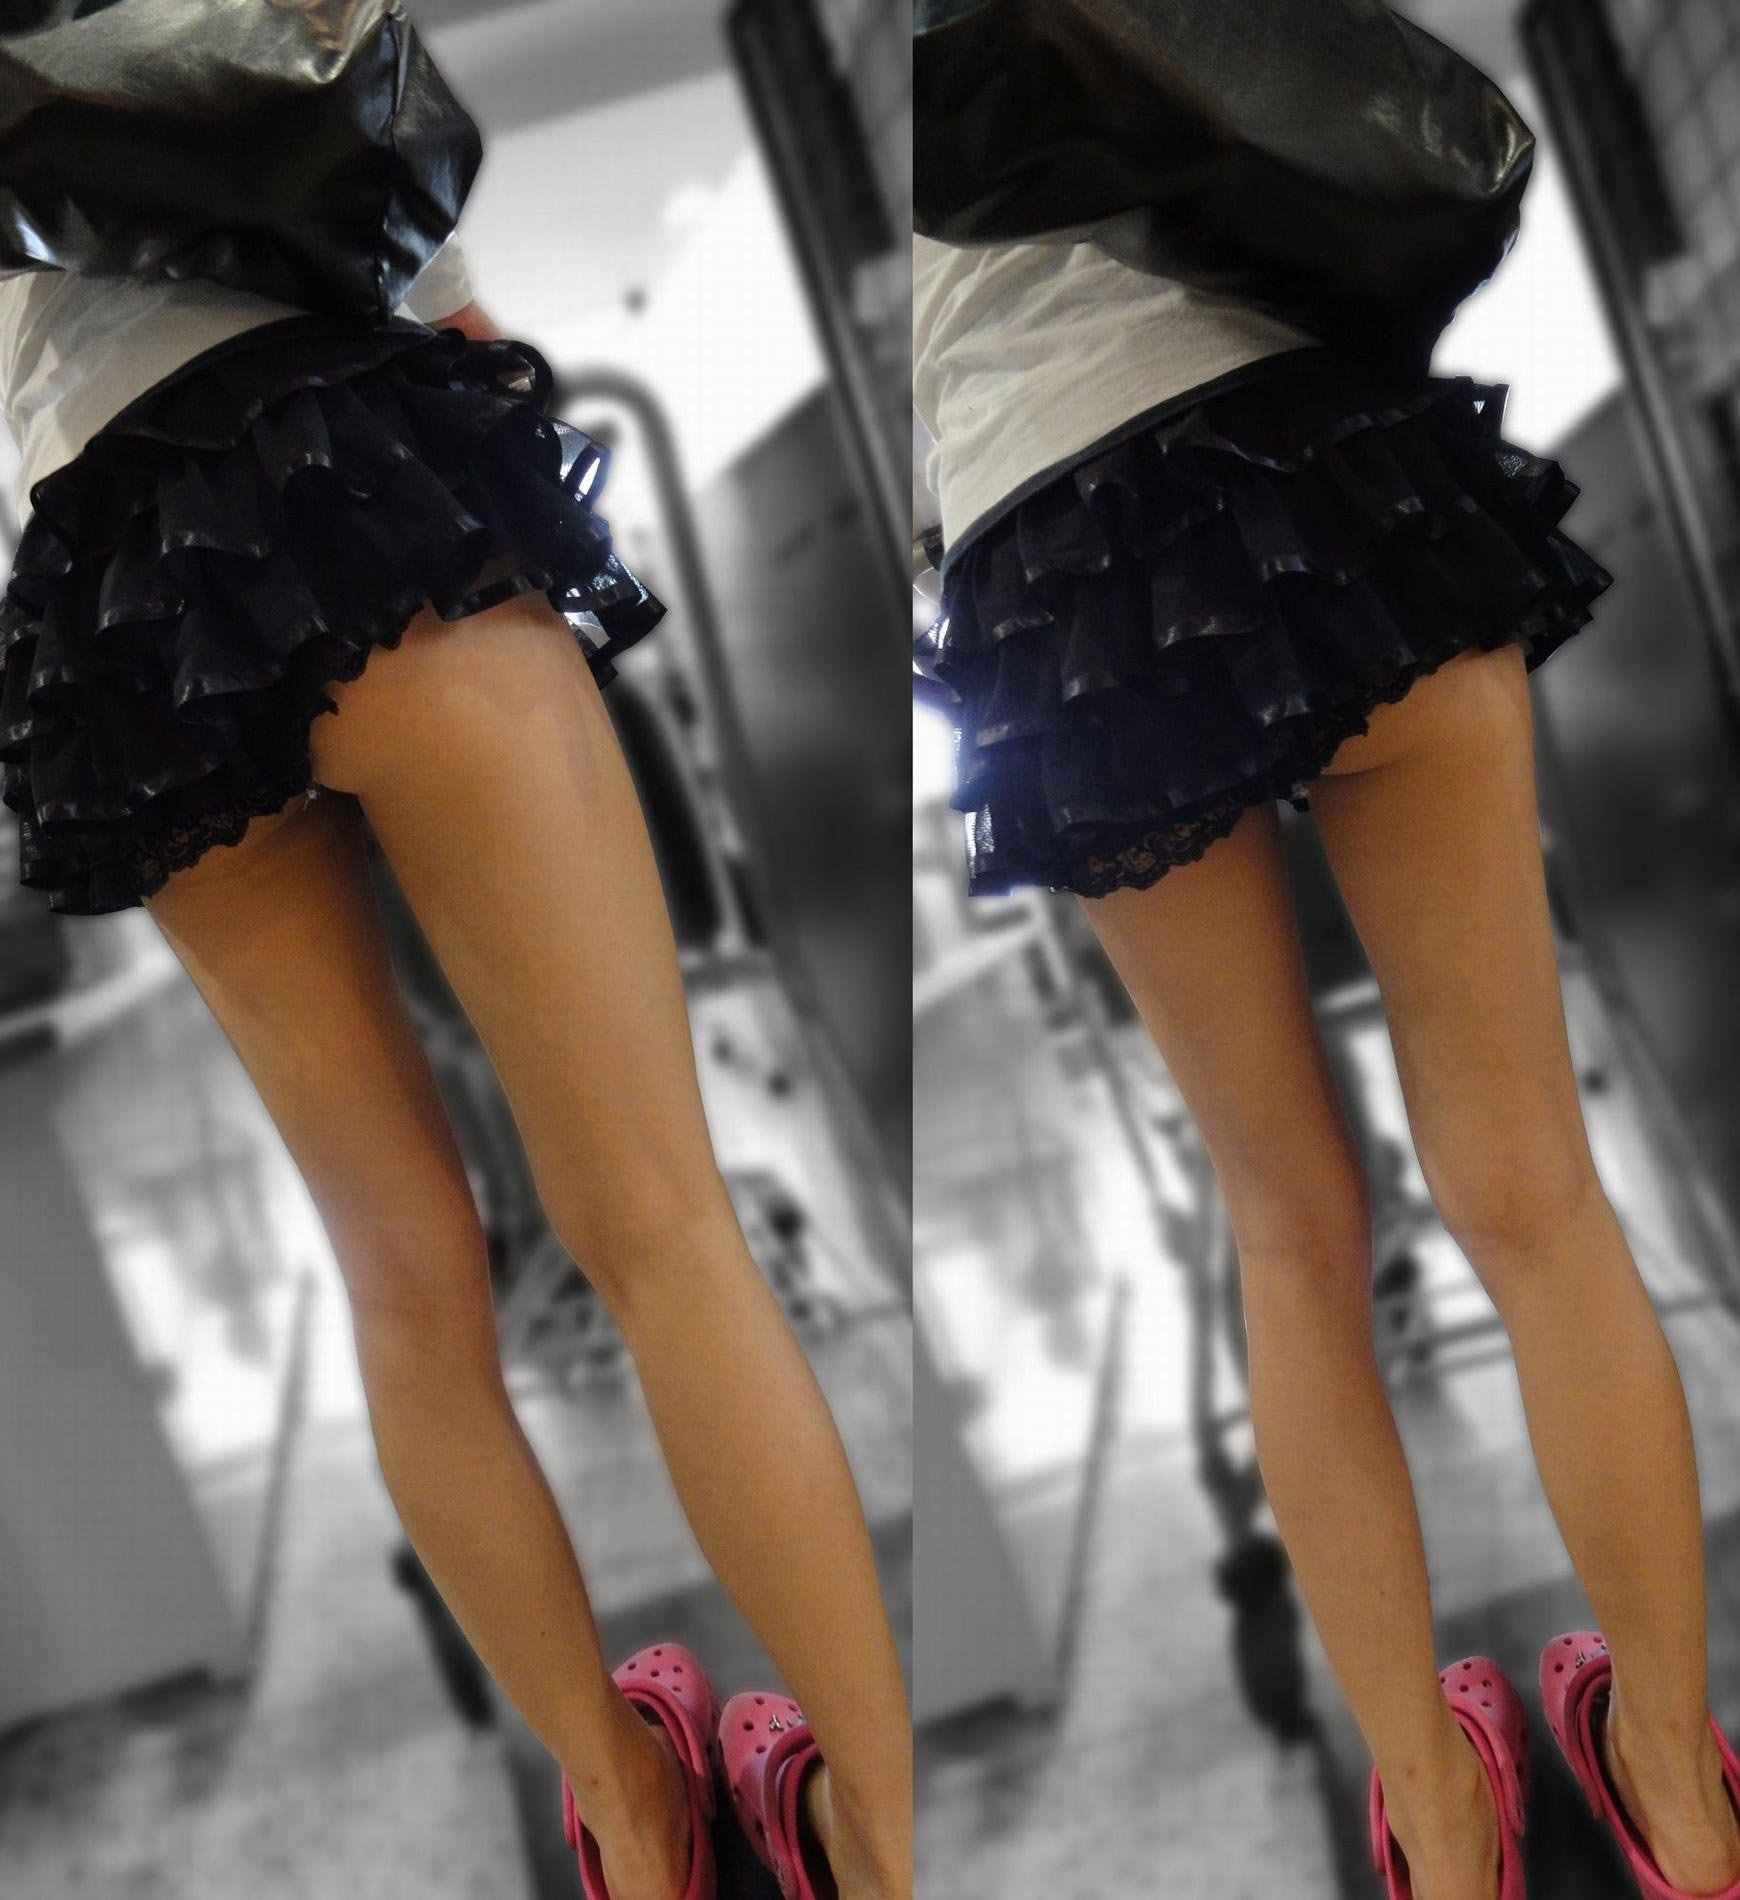 【着尻エロ画像】一部出ちゃっても平気で外出できるホットパンツ女子のハミ尻撮り!